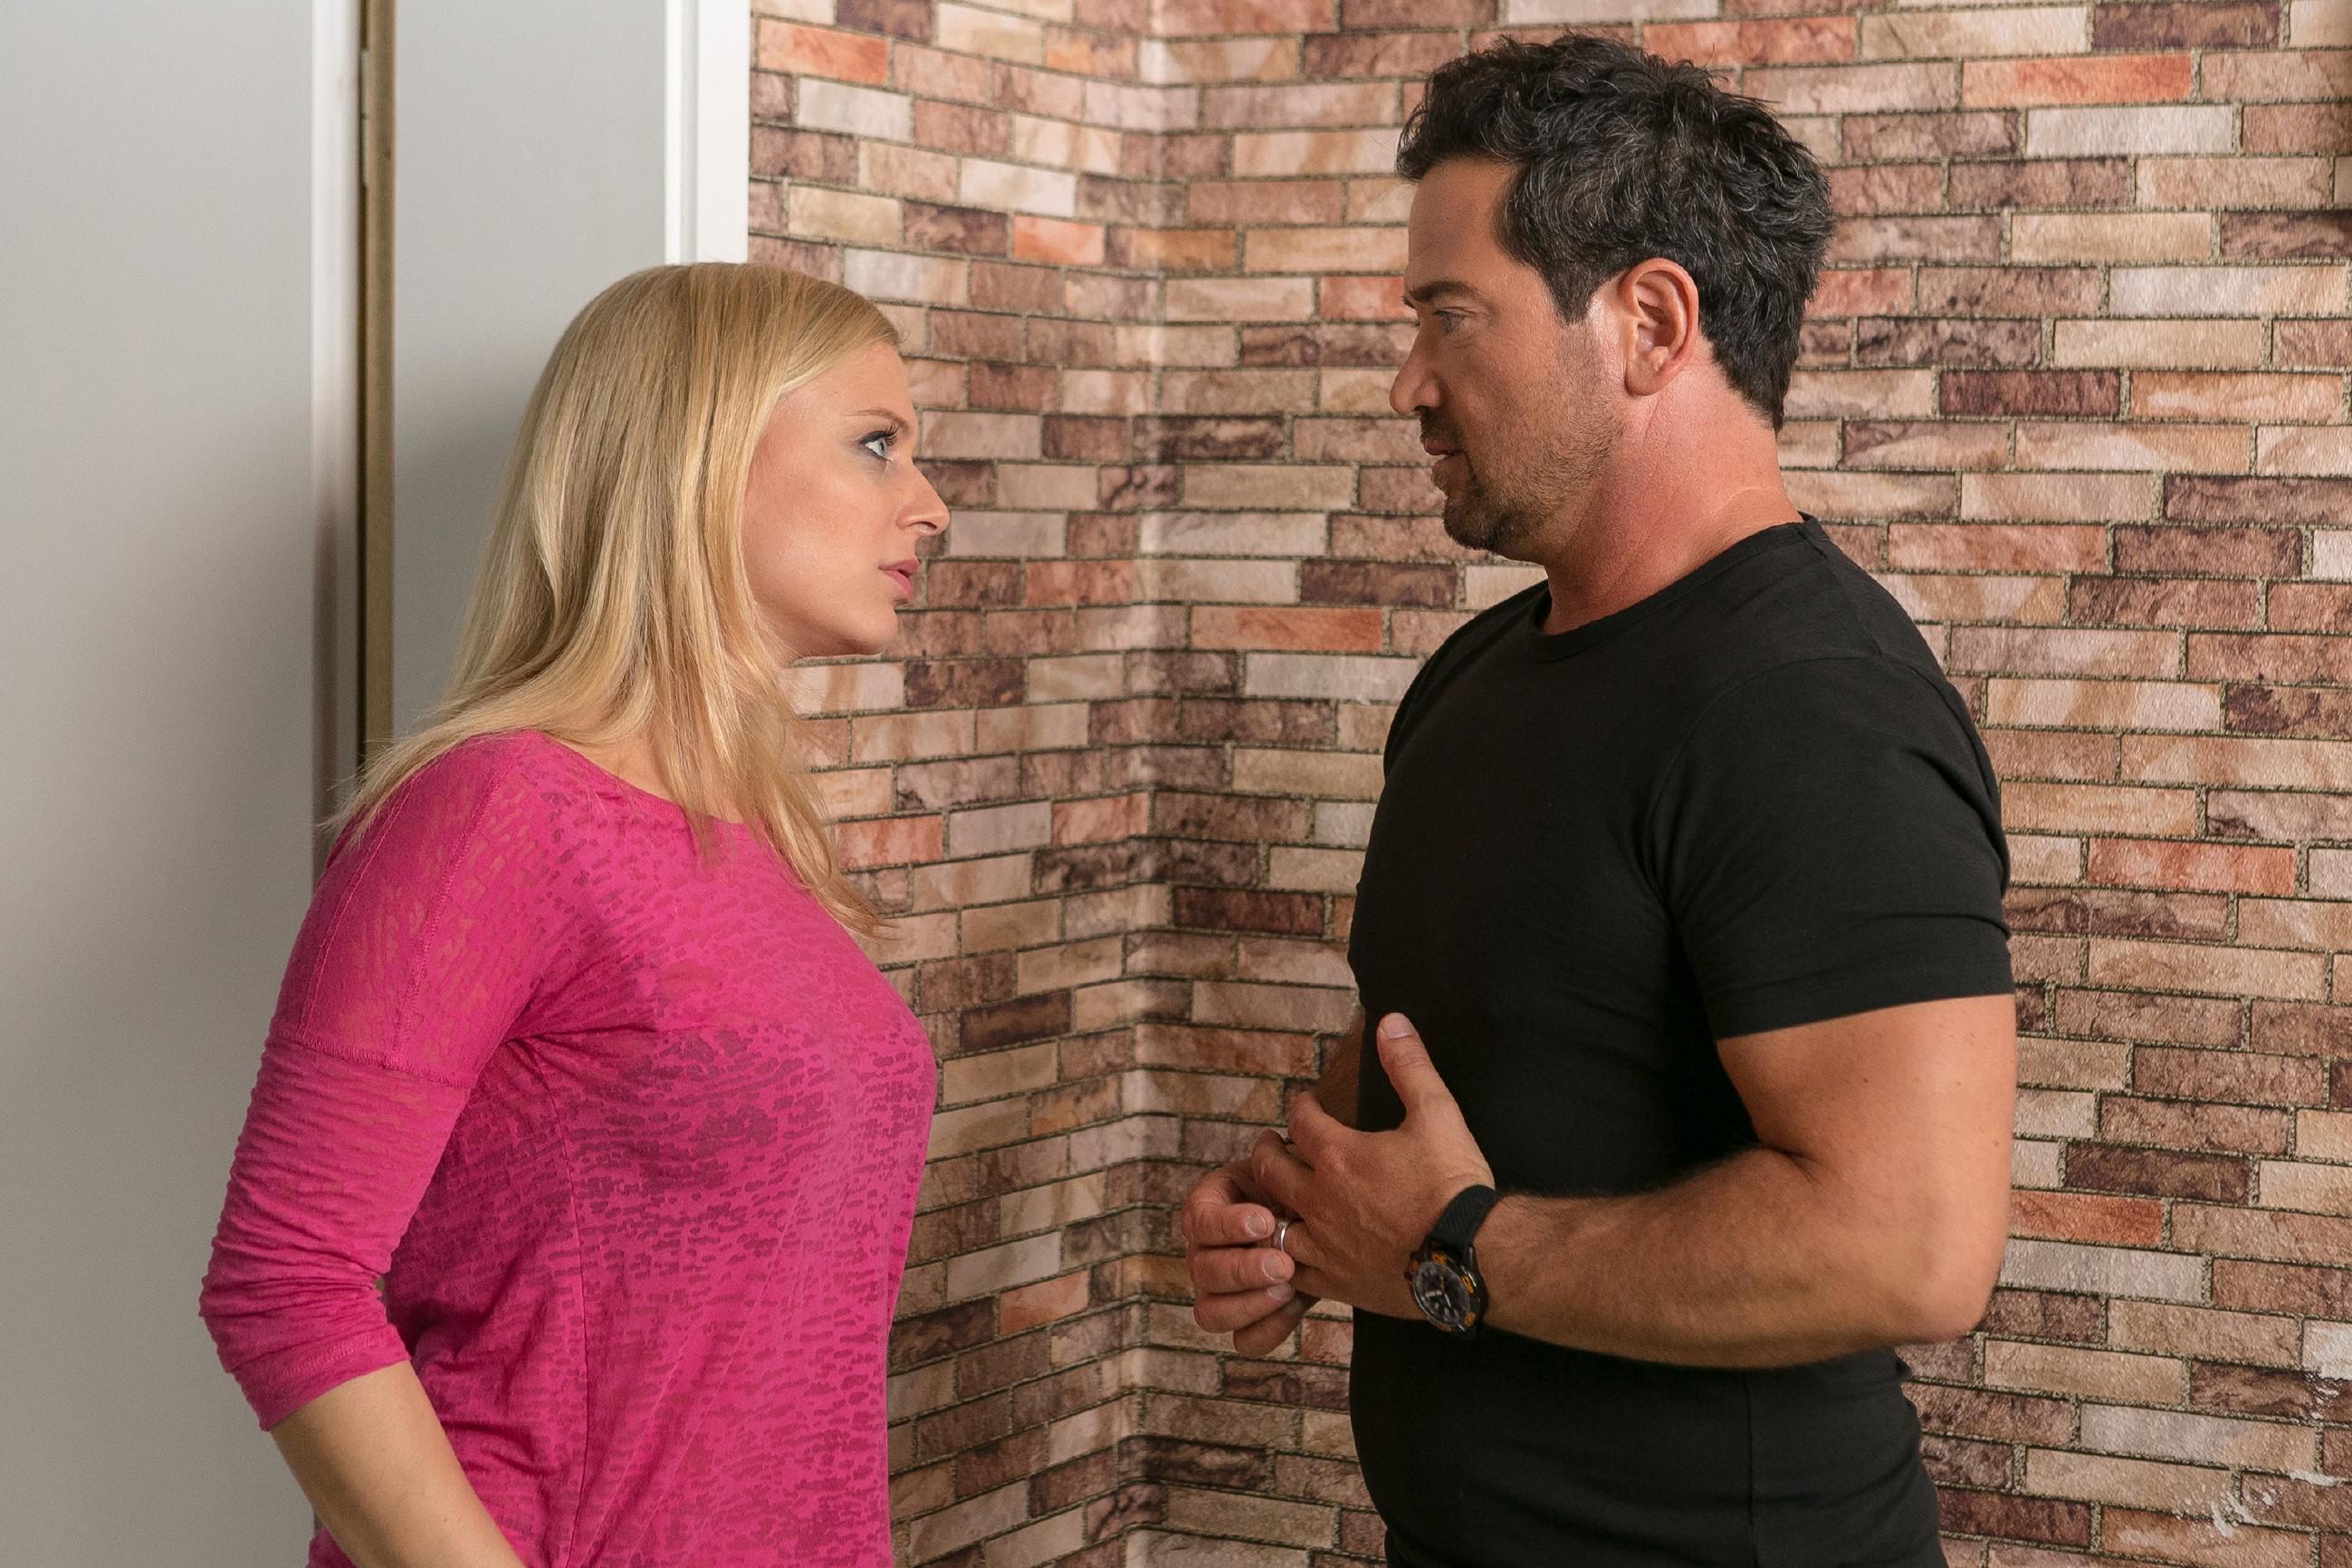 Marian (Sam Eisenstein) hat kapiert, dass er Lena (Juliette Greco) loslassen muss, wenn er sie nicht ganz verlieren will und überrascht sie mit einem weitreichenden Entschluss... (Quelle: RTL / Kai Schulz)